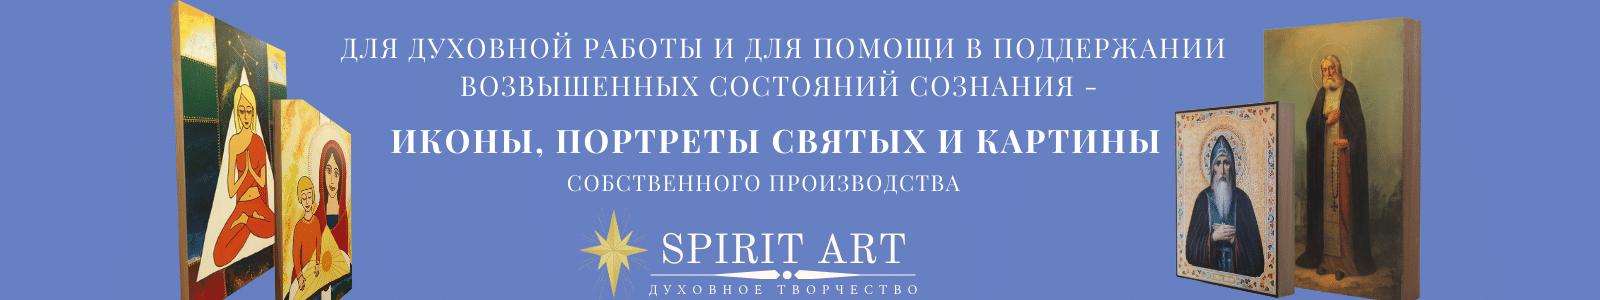 spirit-low1600-300